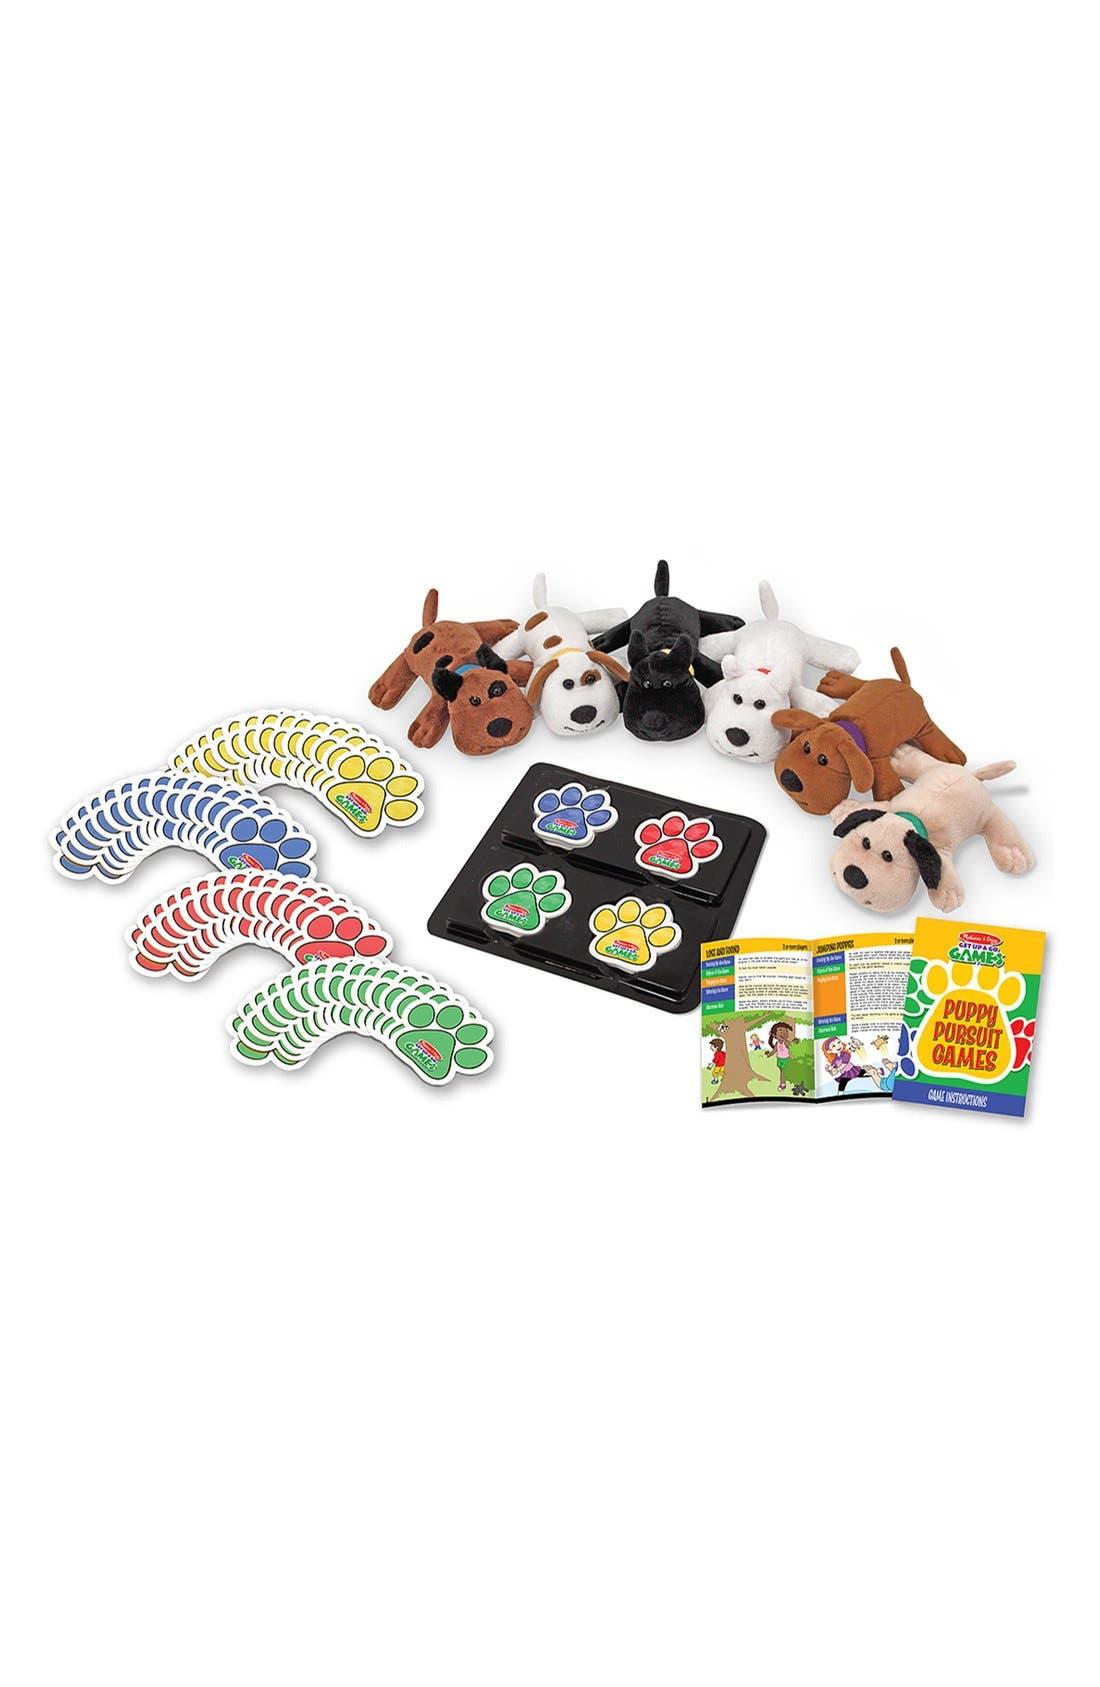 'Puppy Pursuit' Game Set,                             Main thumbnail 1, color,                             200